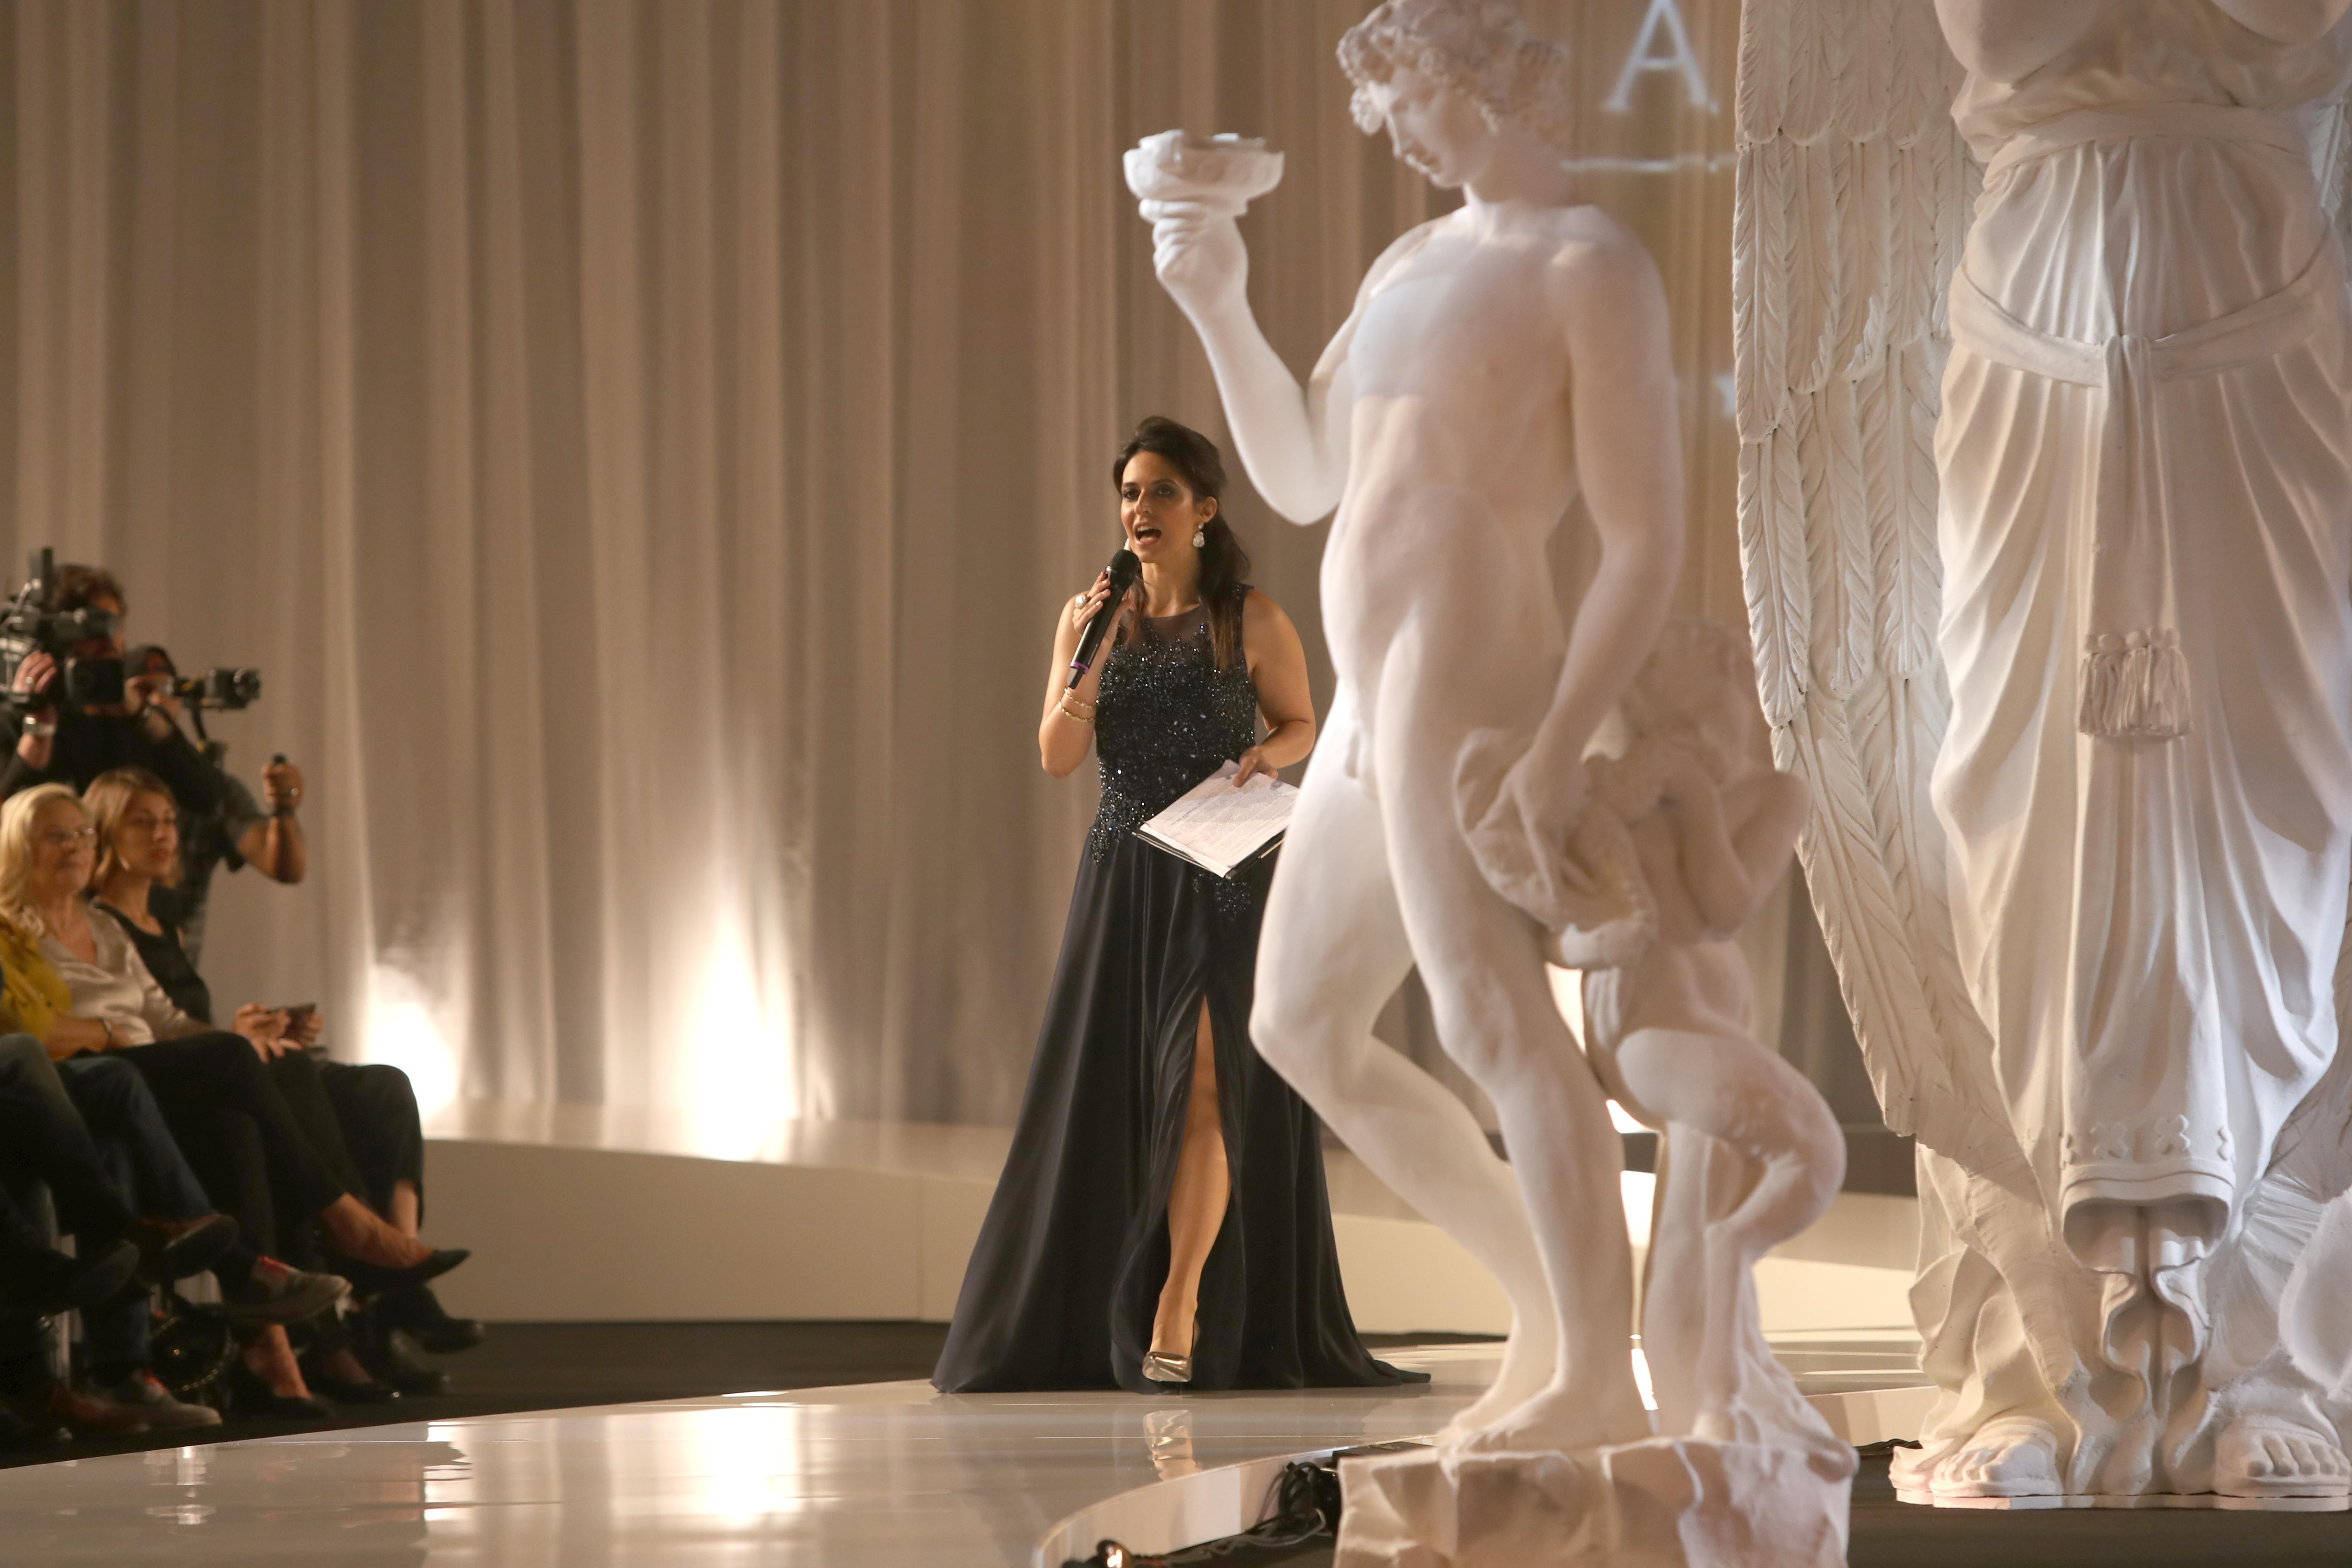 Su Donna e Sposa Tv lo Speciale dedicato all'evento di Nicole a Roma tra abiti da sogno e celebrities